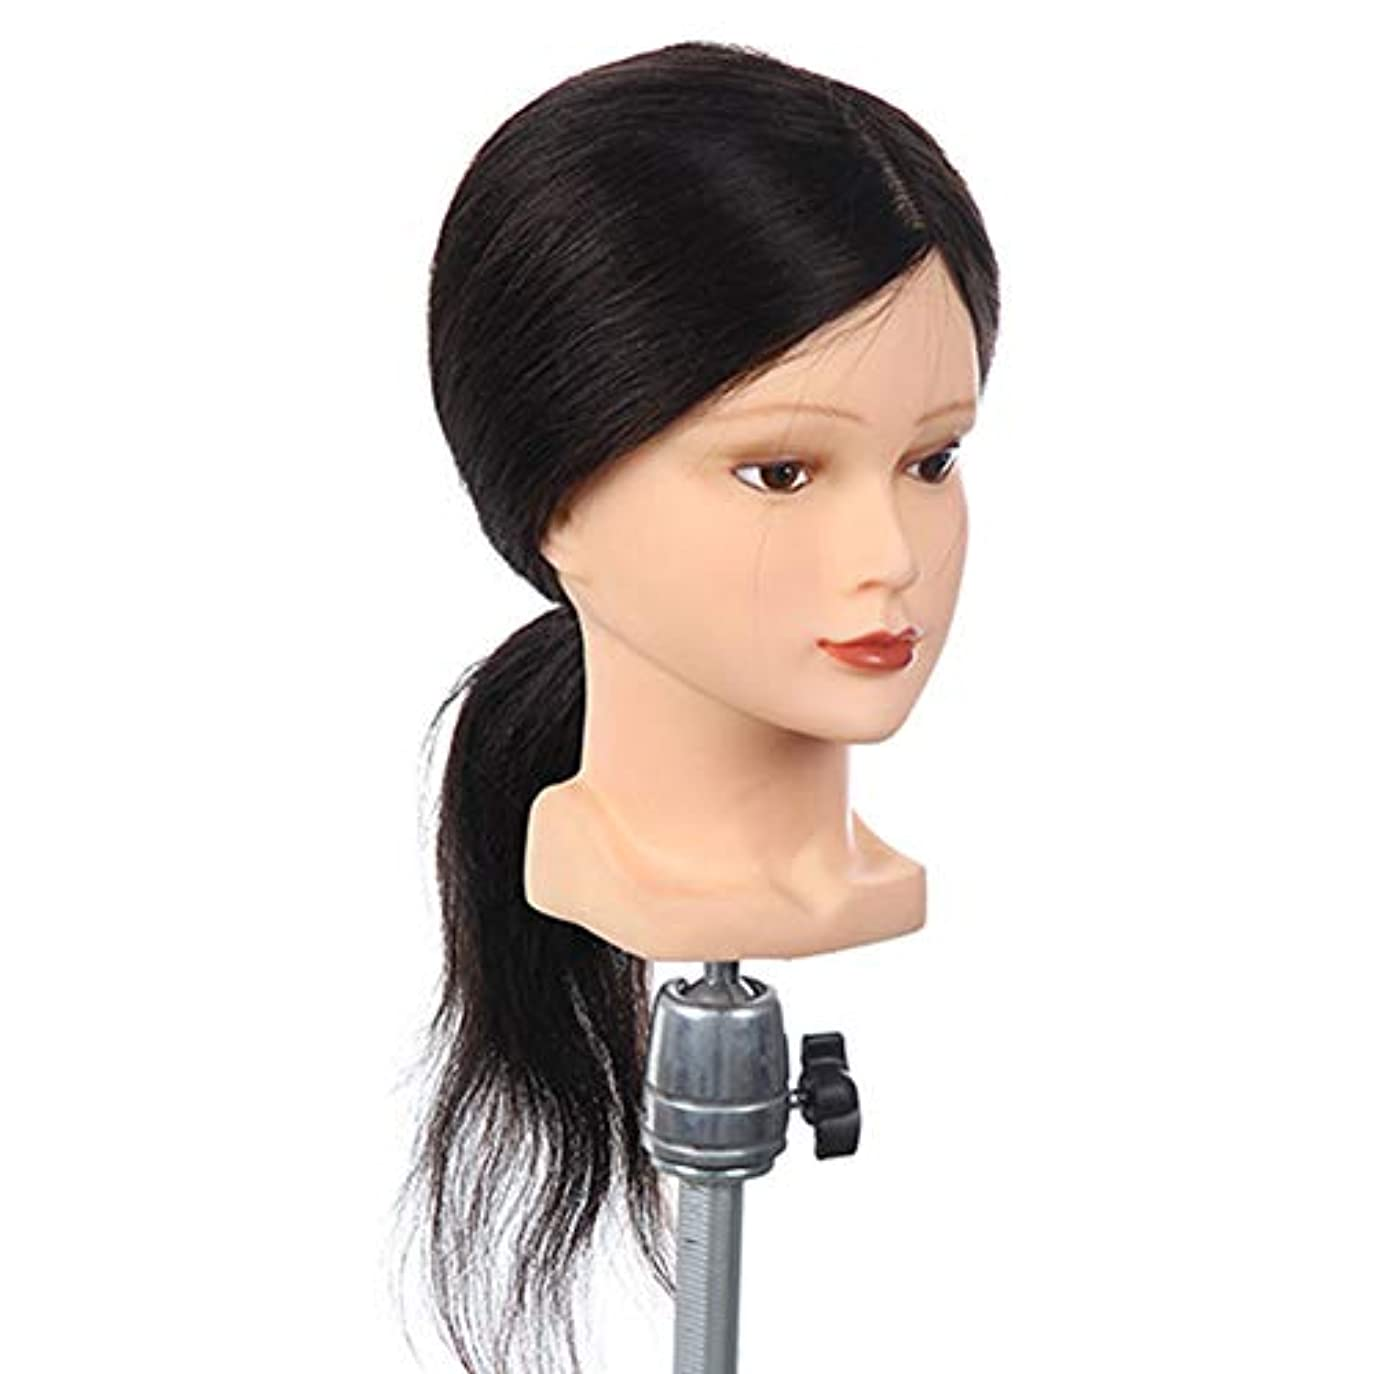 ヘルパー刺す青100%本物の髪型モデルヘッド花嫁ヘアエクササイズヘッド金型理髪店学習ダミーヘッドはパーマ毛髪染料することができます